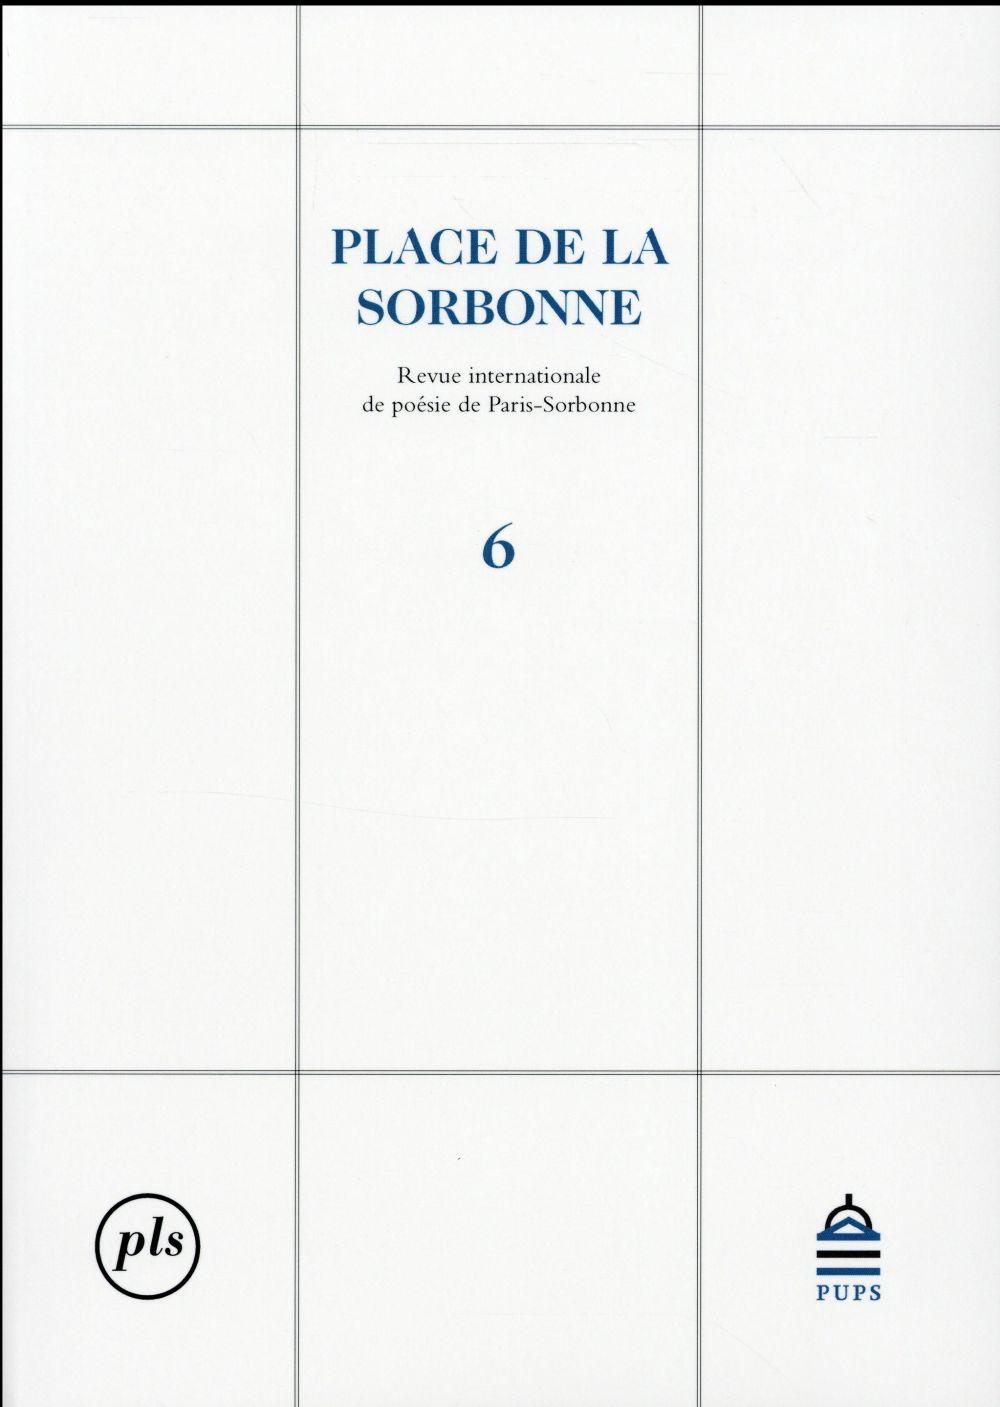 PLACE DE LA SORBONNE 6